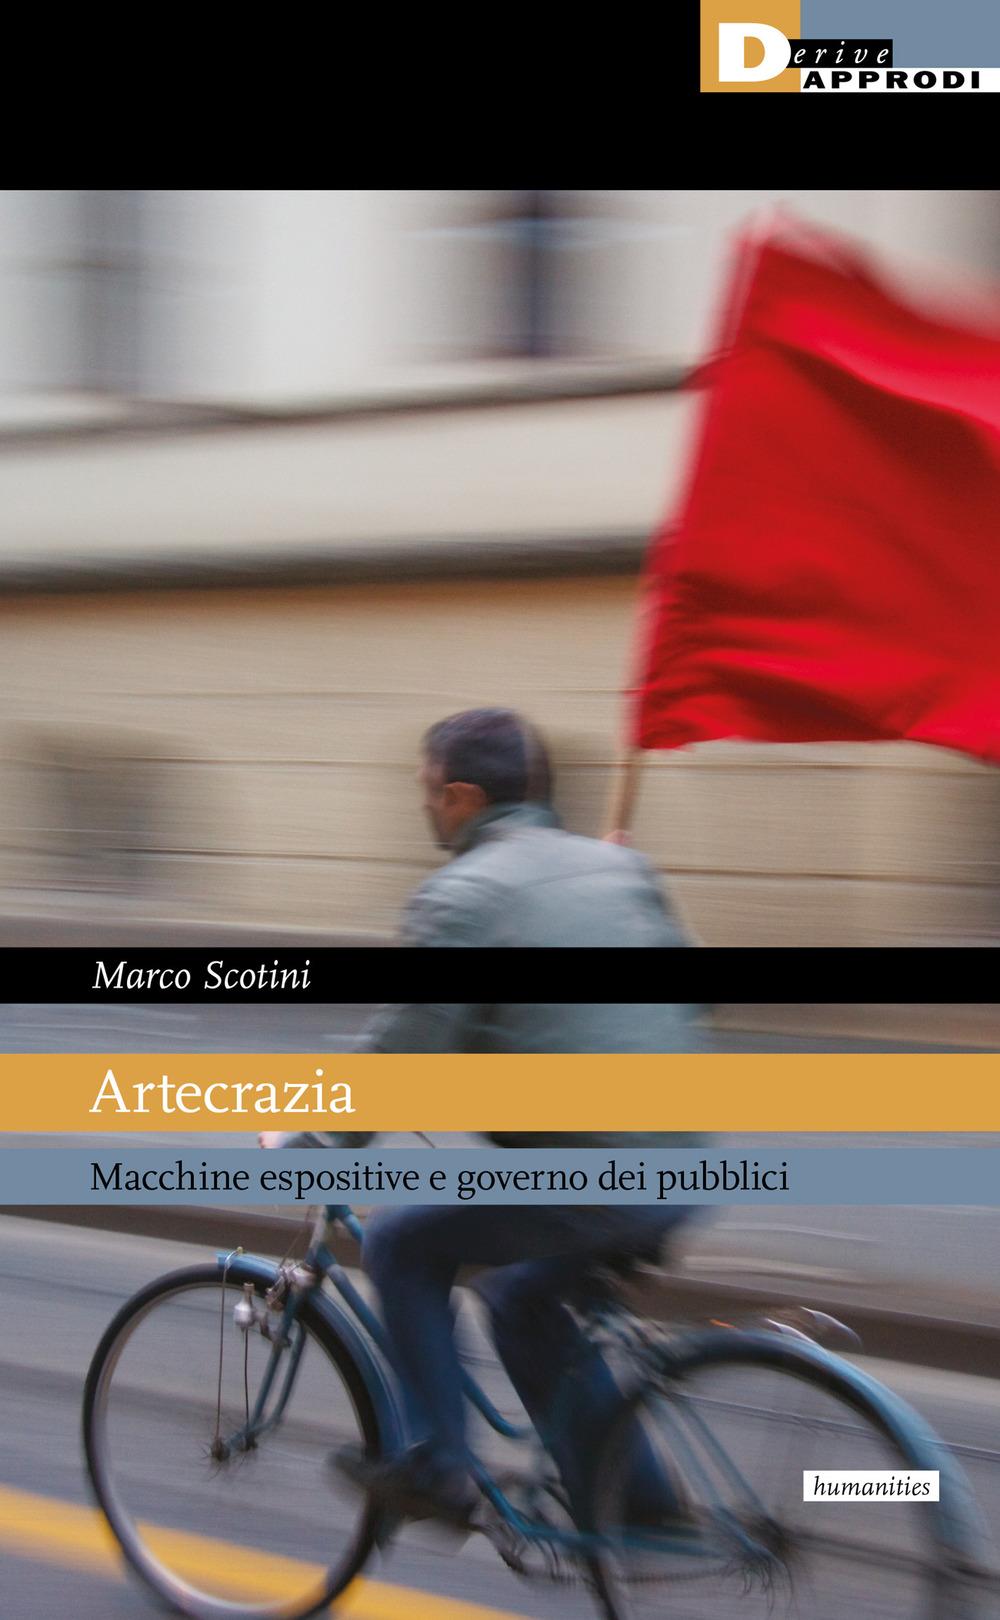 ARTECRAZIA. MACCHINE ESPOSITIVE E GOVERNO DEI PUBBLICI - Scotini Marco - 9788865483701